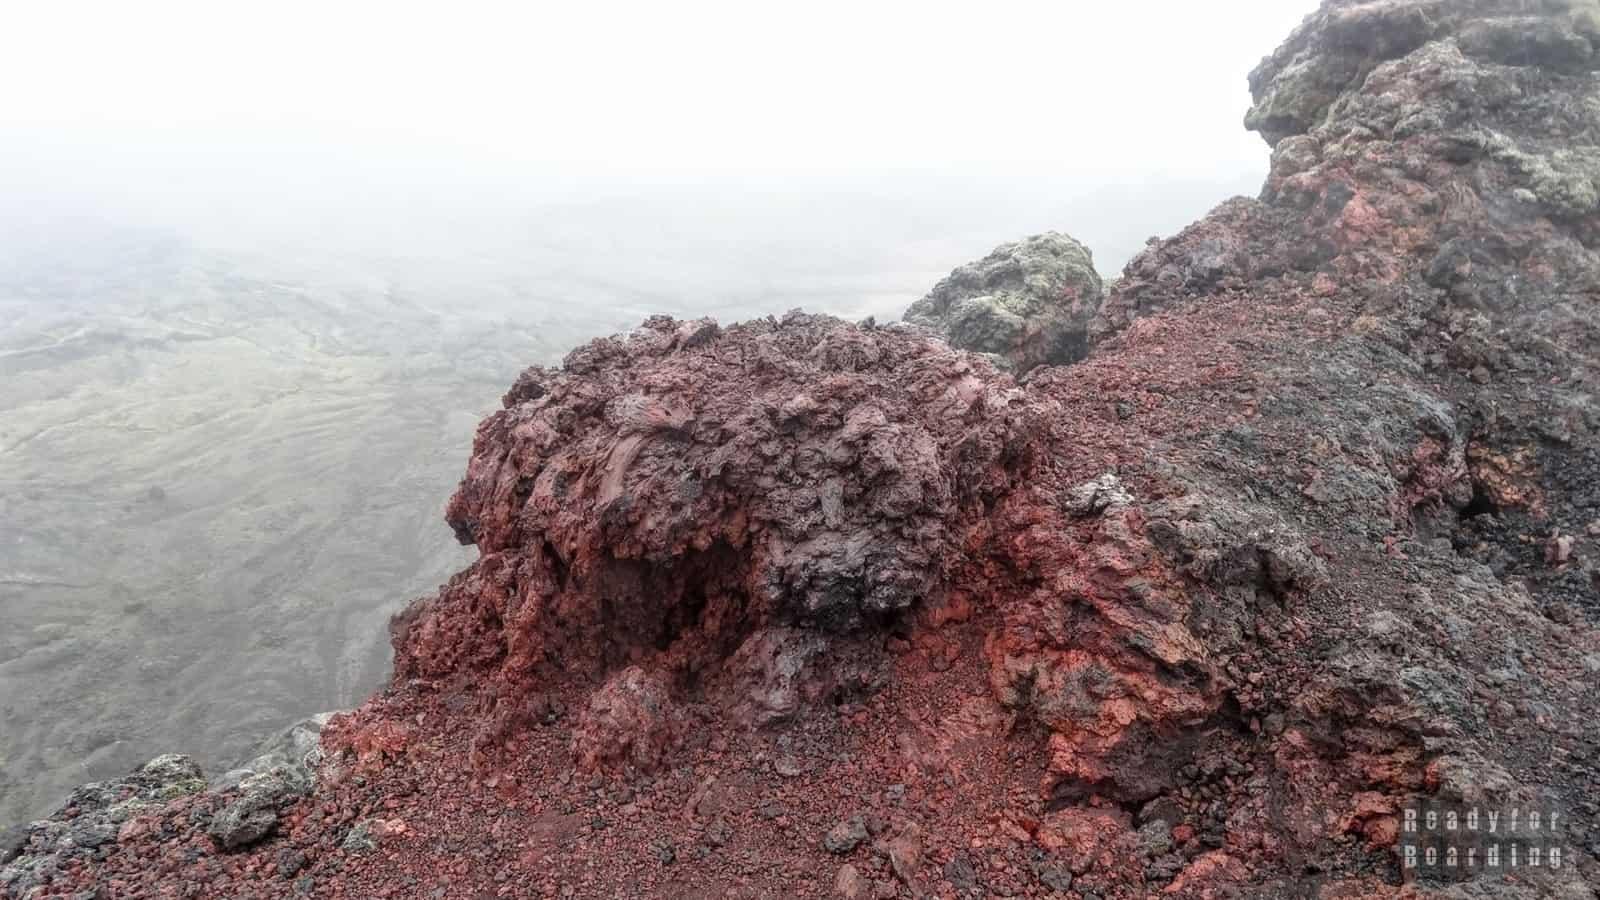 Islandia - jezioro Myvatn i okolice (galeria zdjęć)